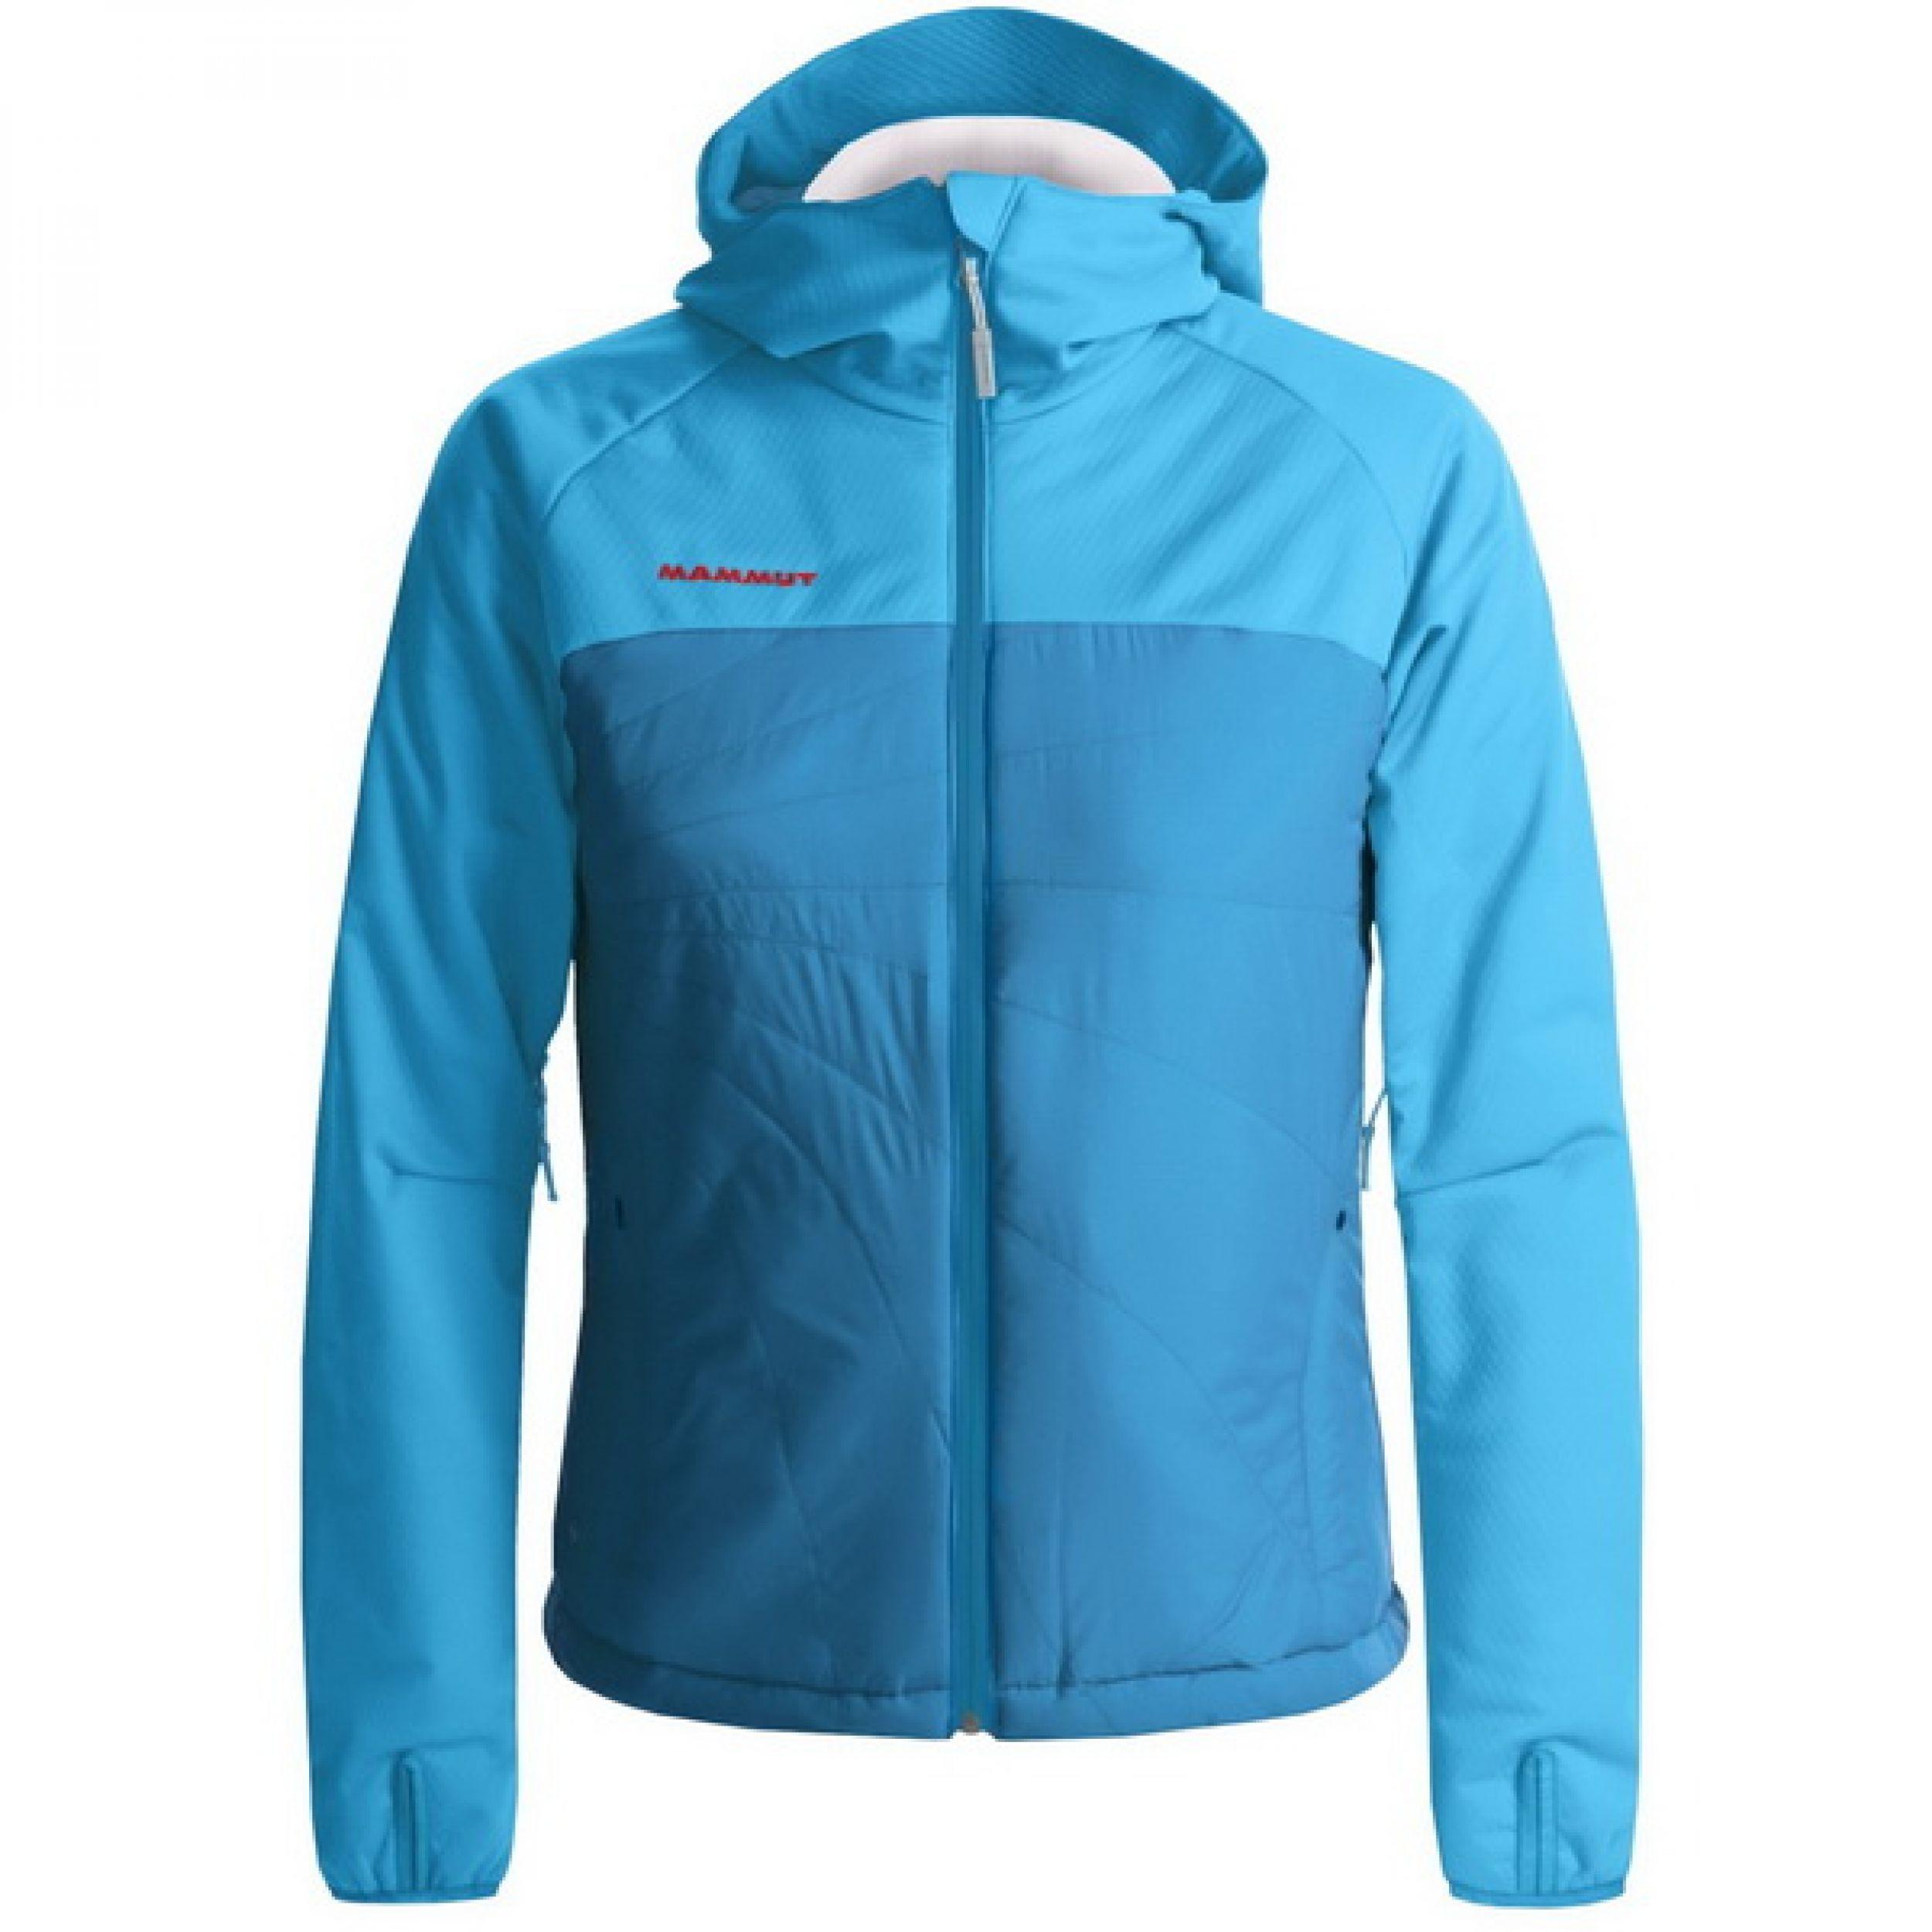 mammut-stratus-hybrid-jacket-soft-shell-for-women-in-cyanp1803j_041500.jpg